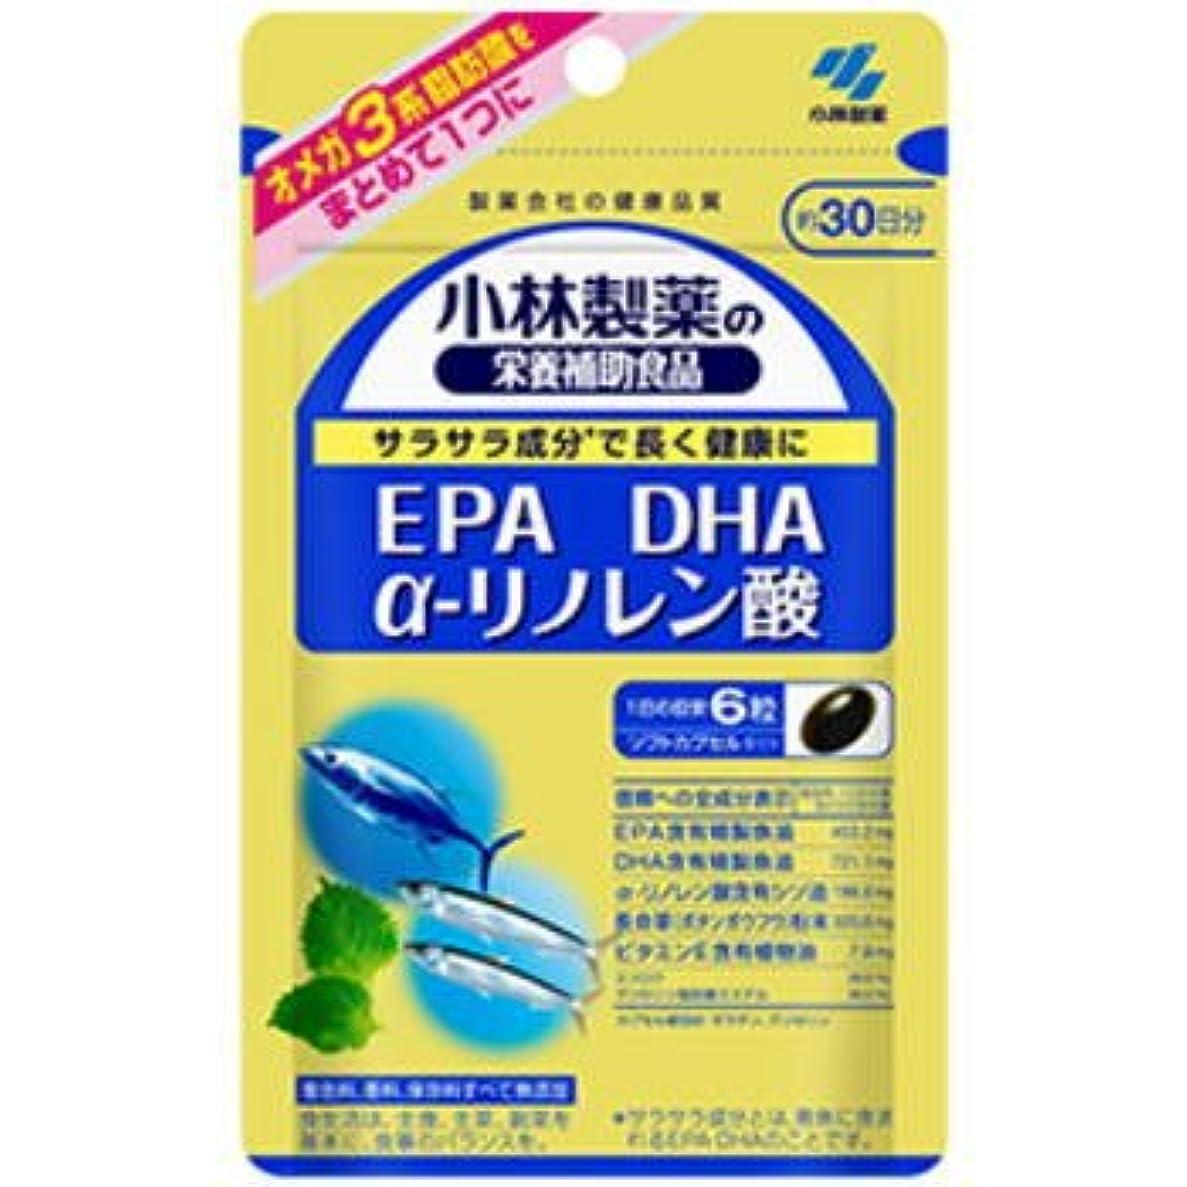 ベンチャー事故コショウ小林製薬 EPA DHA α-リノレン酸 180粒×3個セット【ネコポス発送】